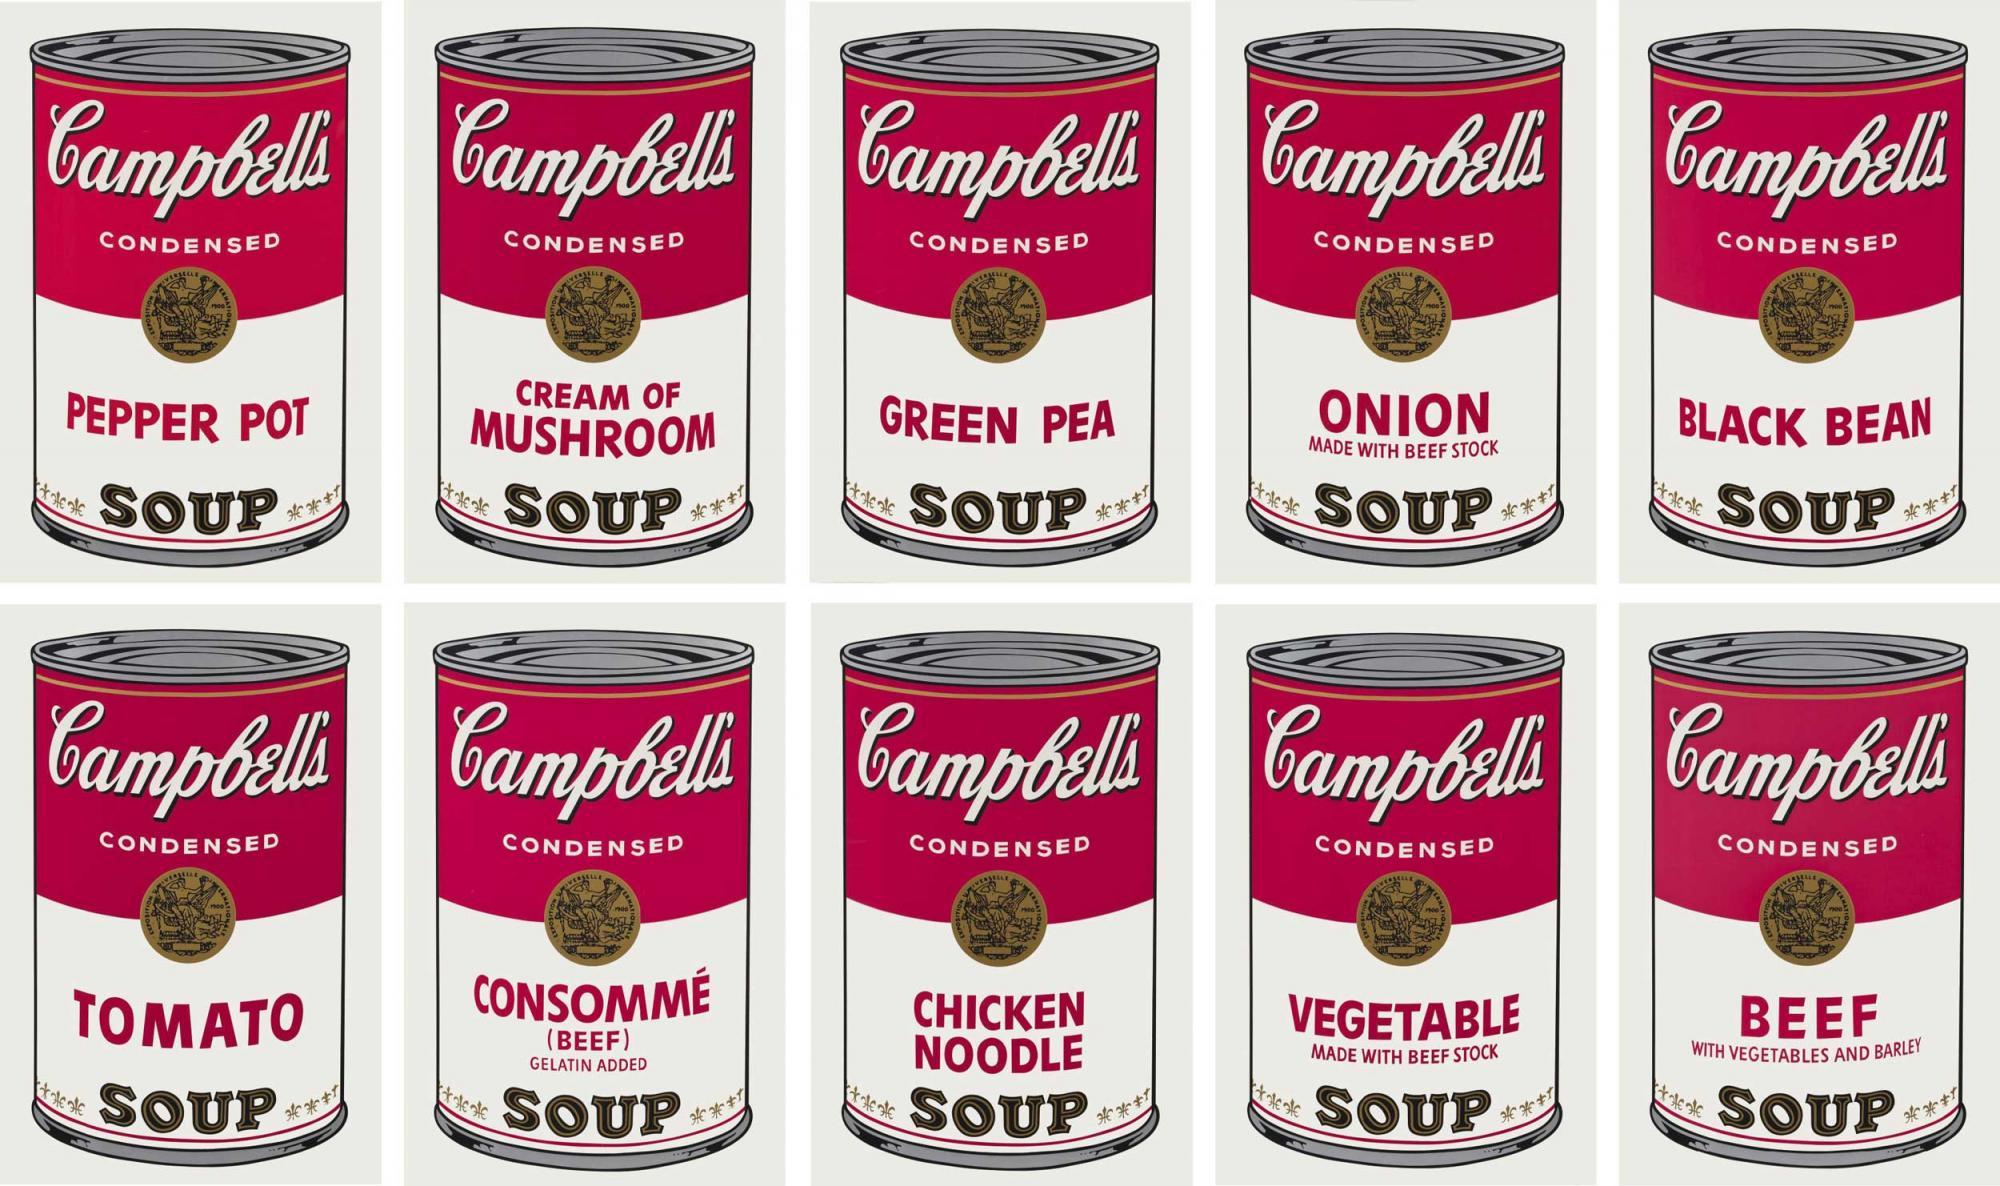 安迪 ∙ 沃荷(Andy Warhol) 《金寶湯之一(一套十幅)》 1968年作,絲網印刷紙本, 每幅:88.9 x 58.4 公分 估價:4,000,000 - 6,000,000港元